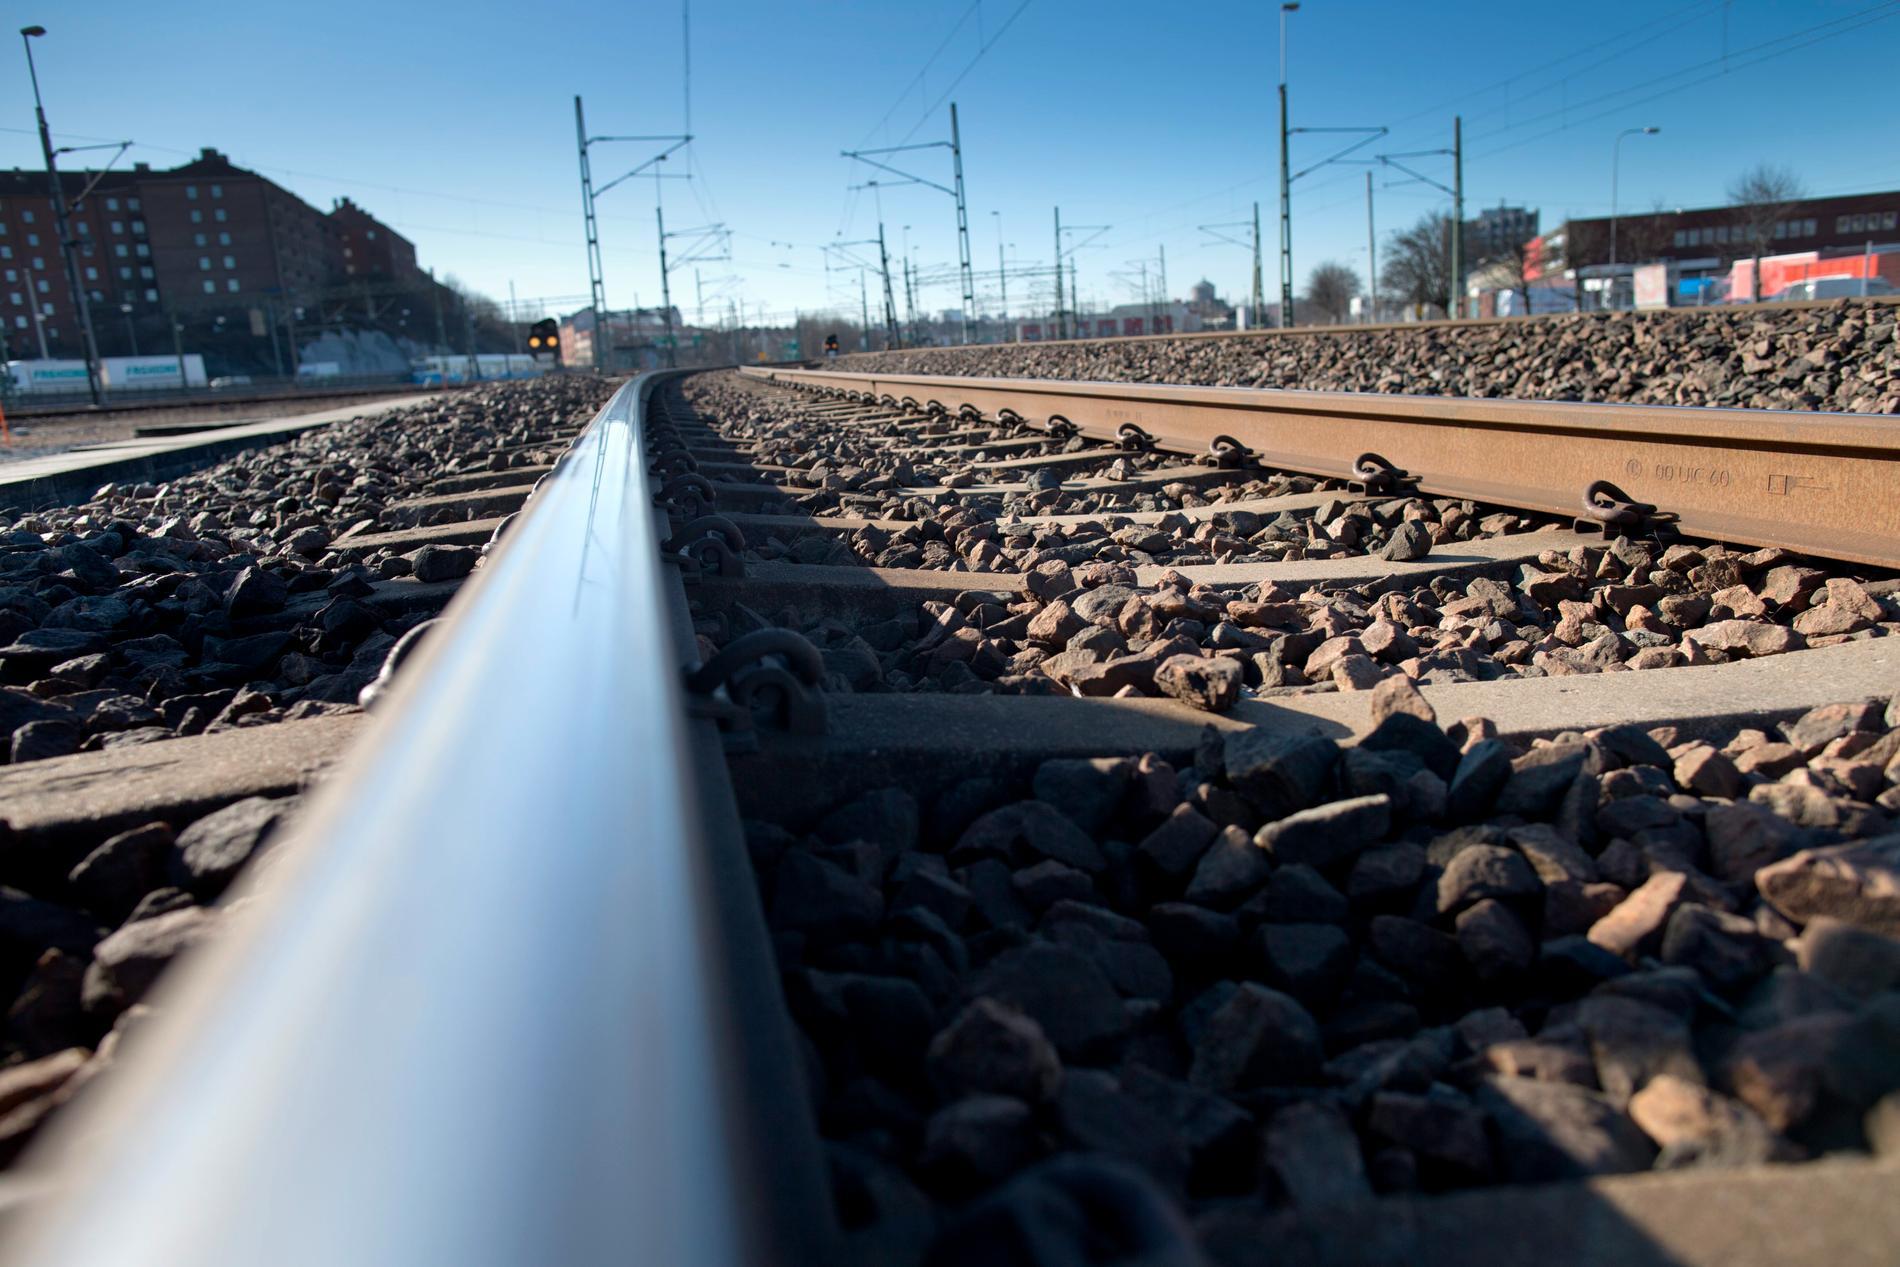 Problemen med kopparstölder vid järnvägar fortsätter. Arkivbild.